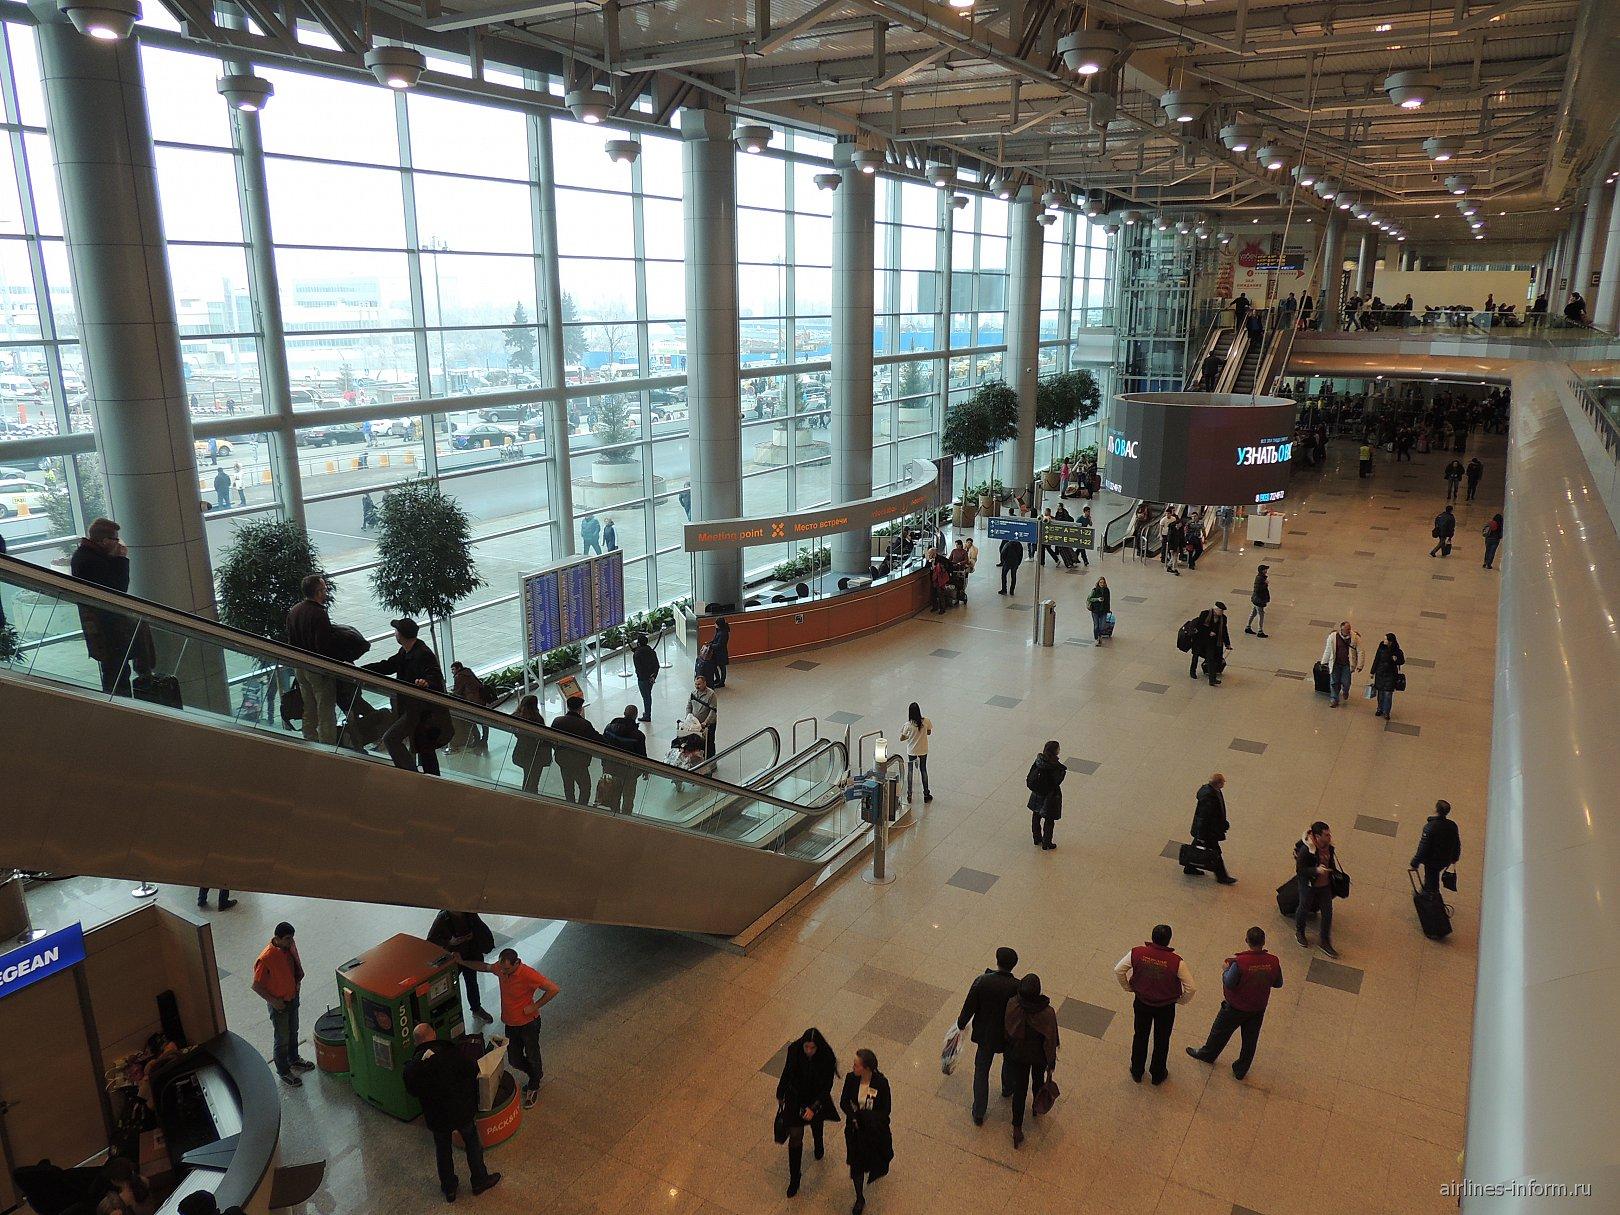 Центральная часть аэровокзала аэропорта Домодедово